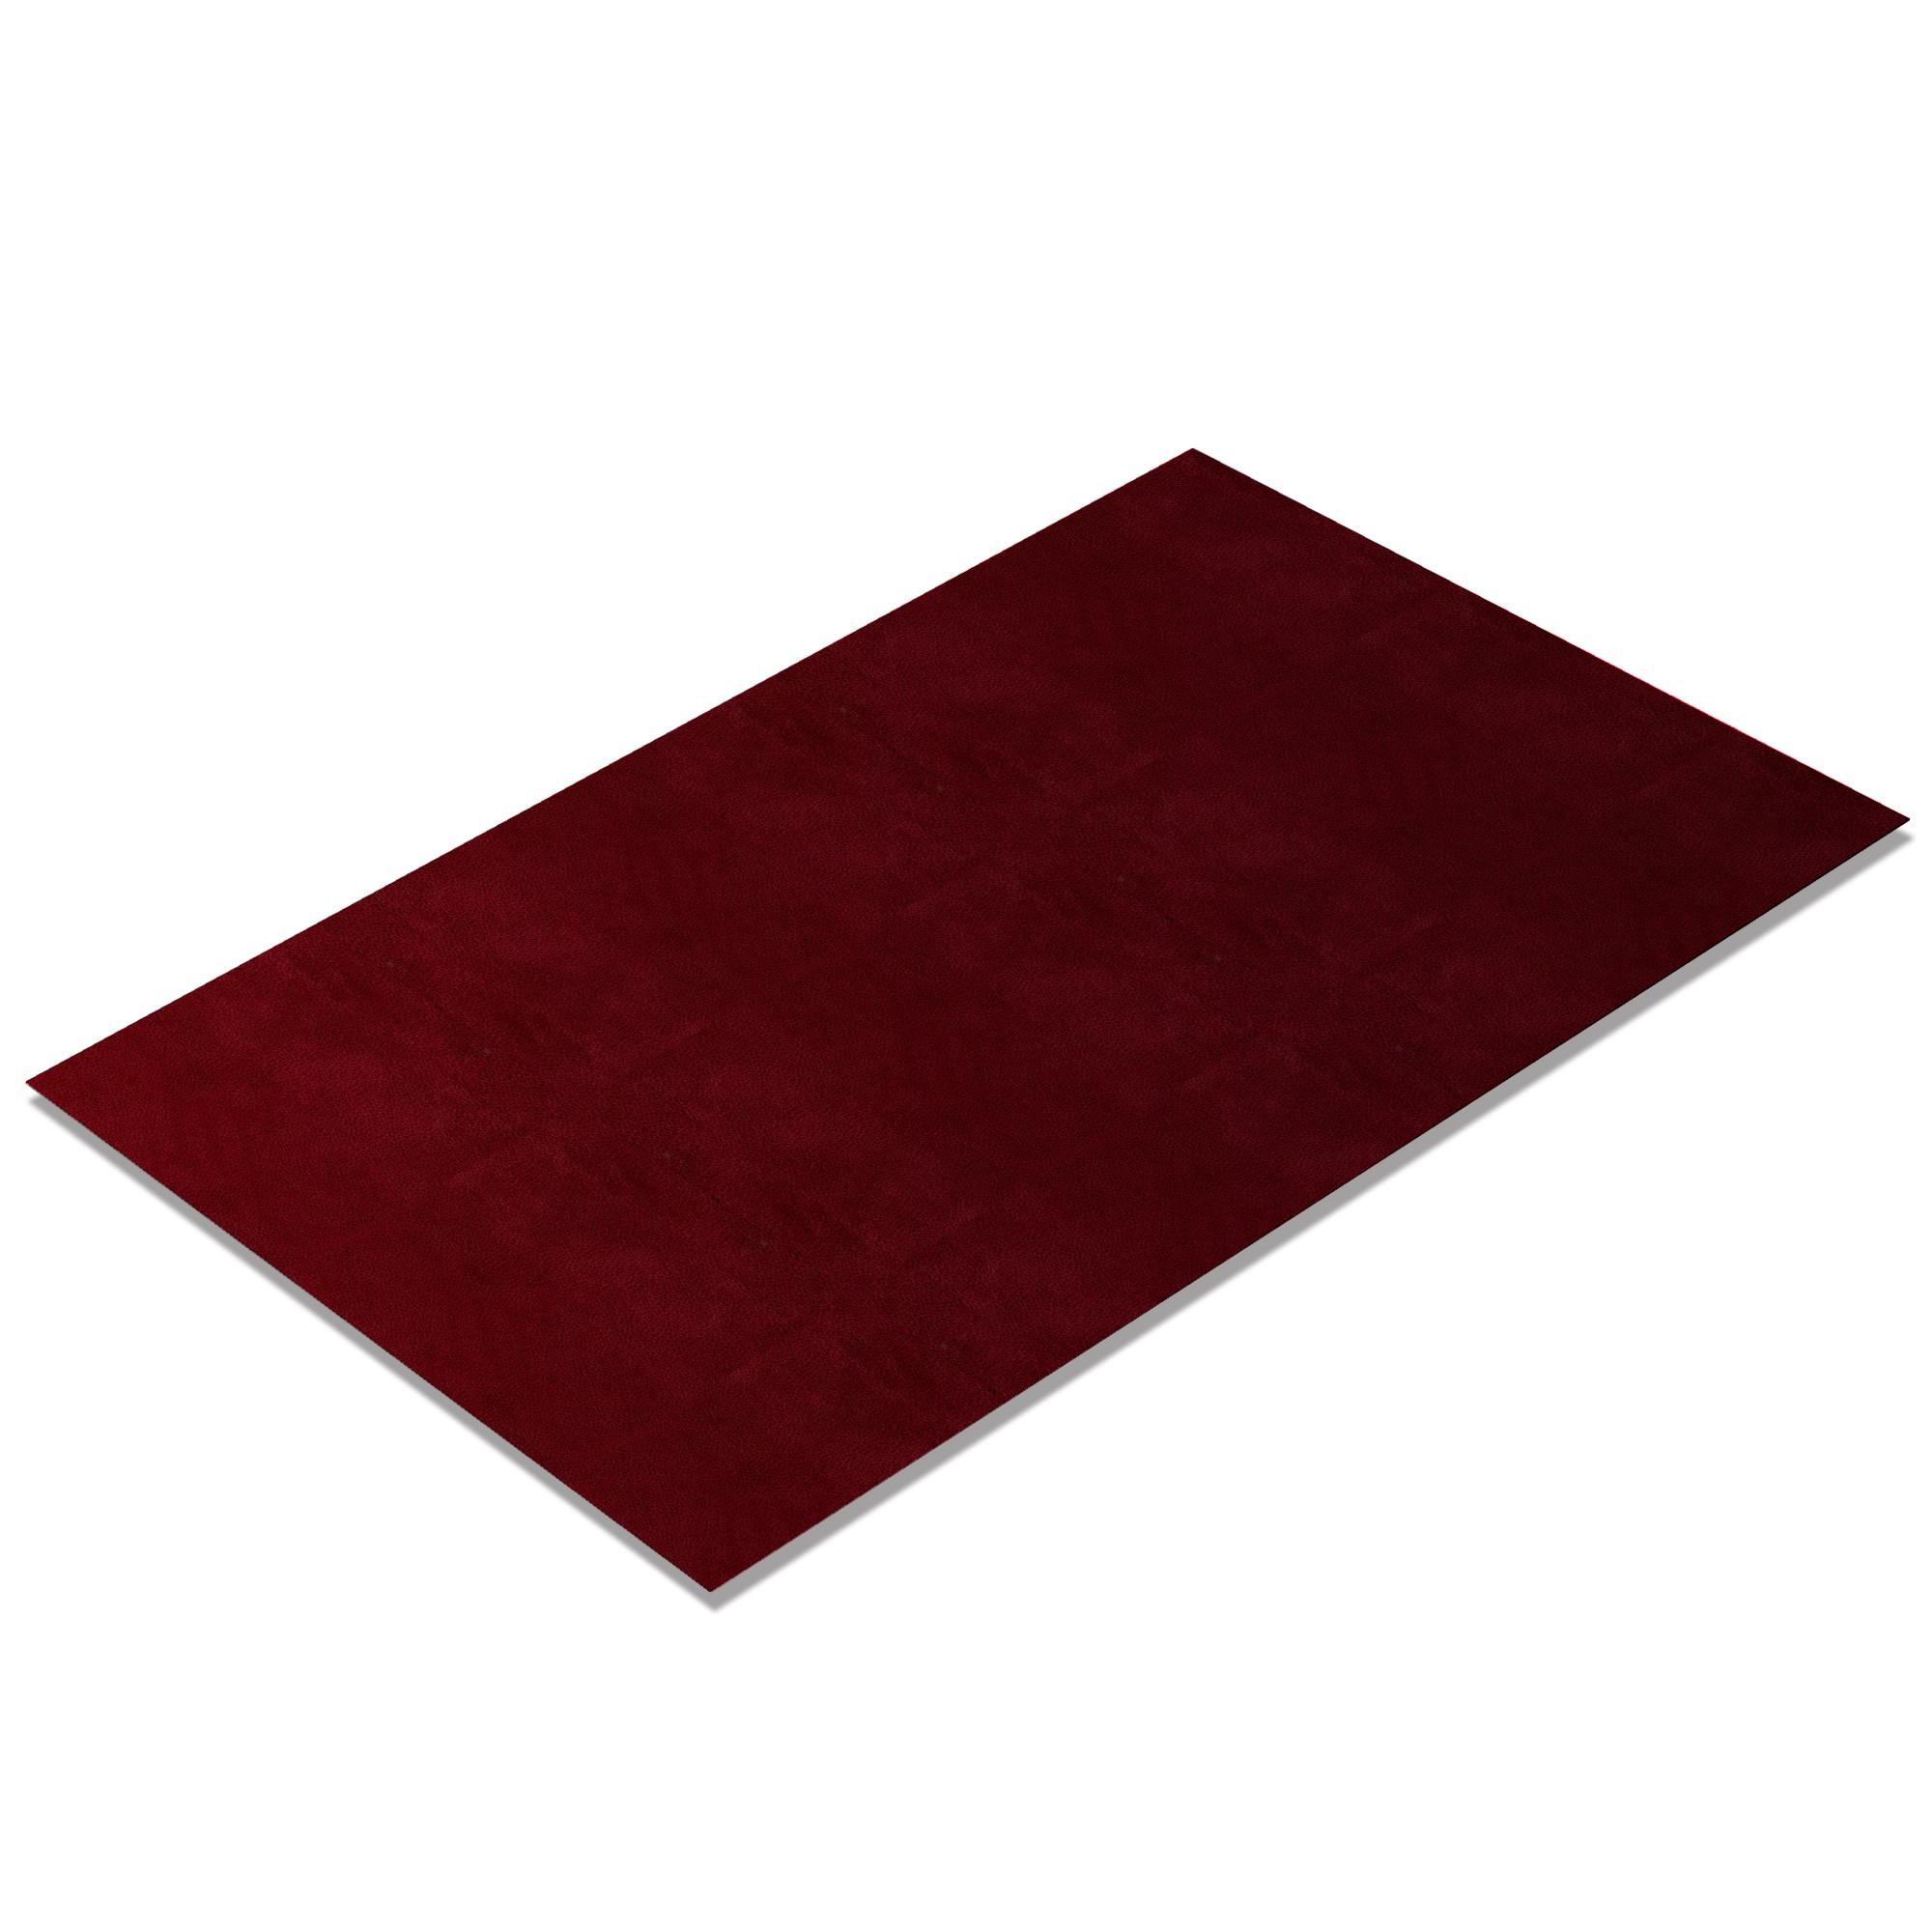 Kunstleder Meterware Nevada-Soft Red [NEVSO300]